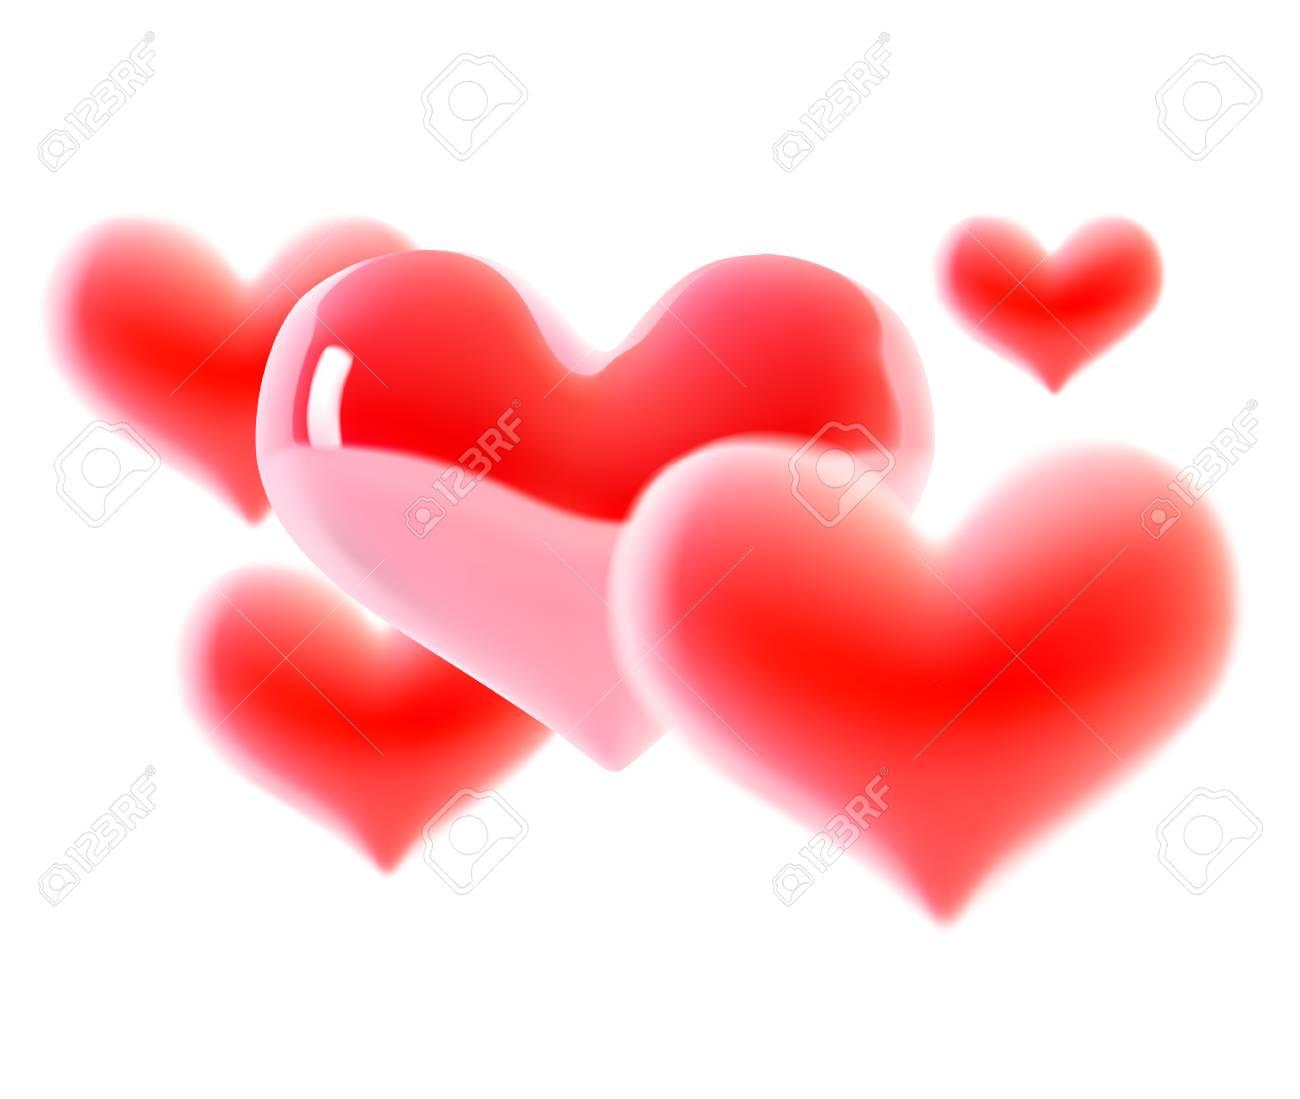 Herz 3d Lokalisiert Auf Weiss Valentinstag Herz Schone